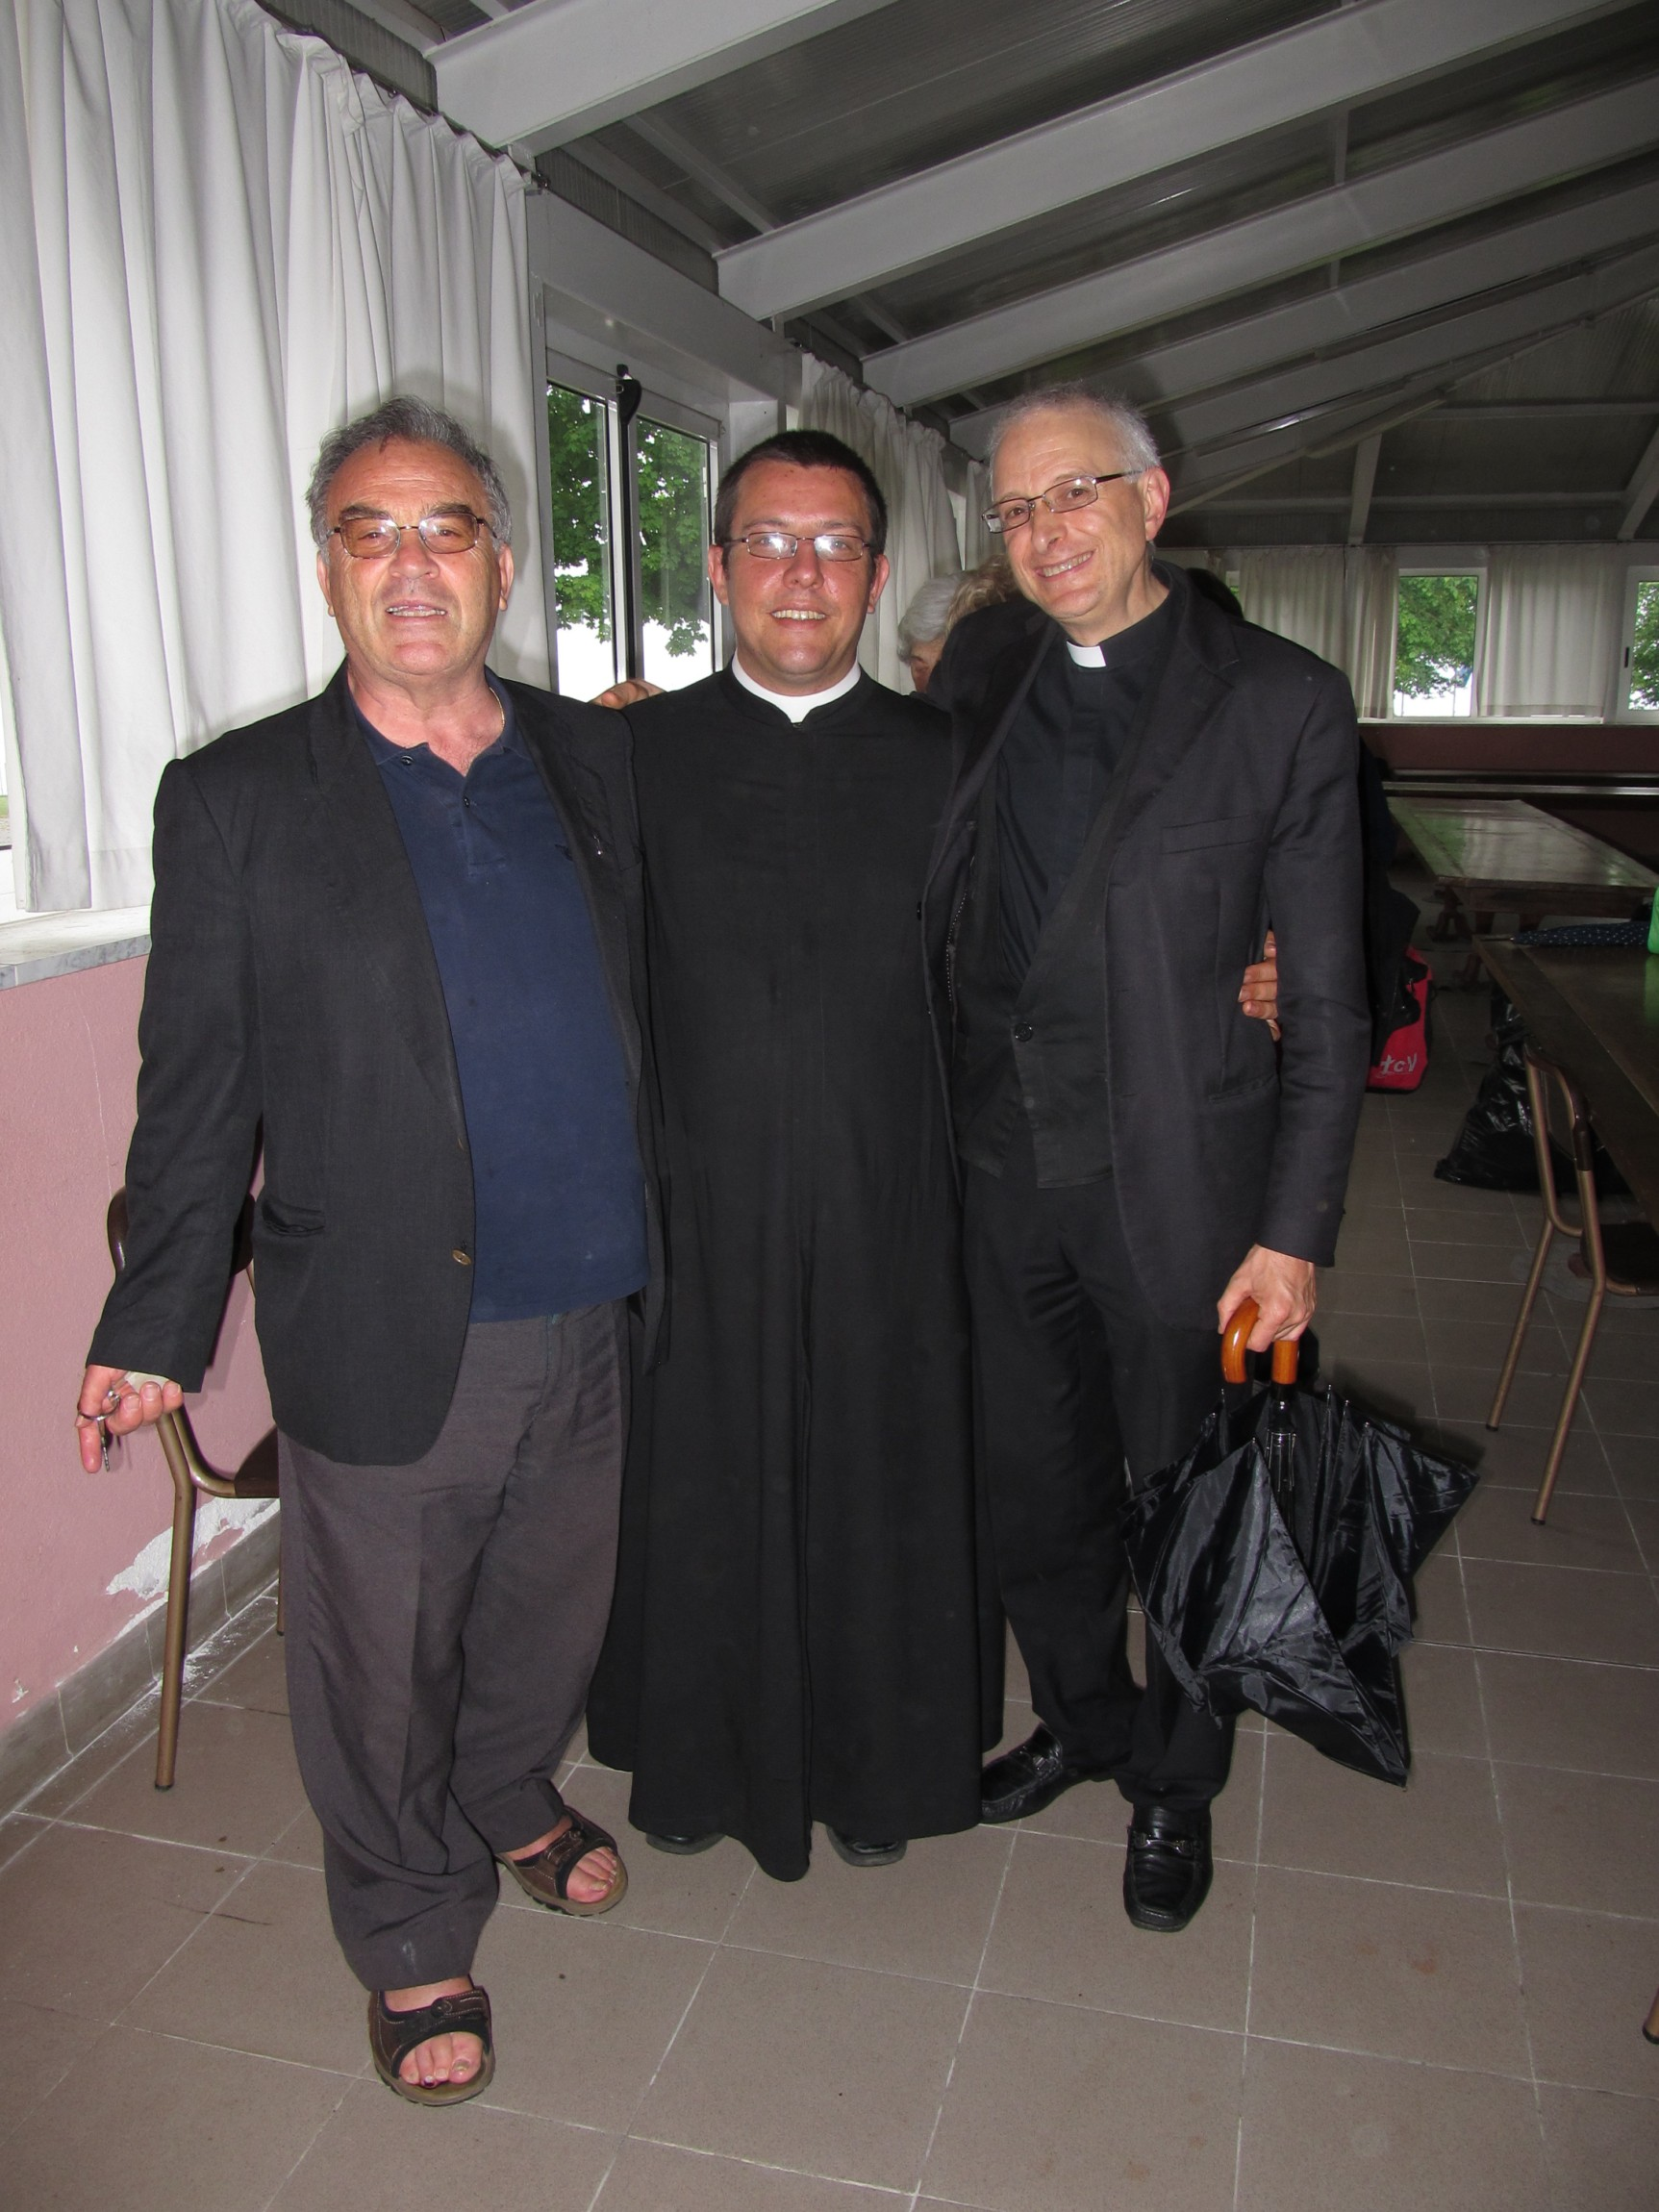 pellegrinaggio_vicariale_guardia_2014-06-15-16-50-54